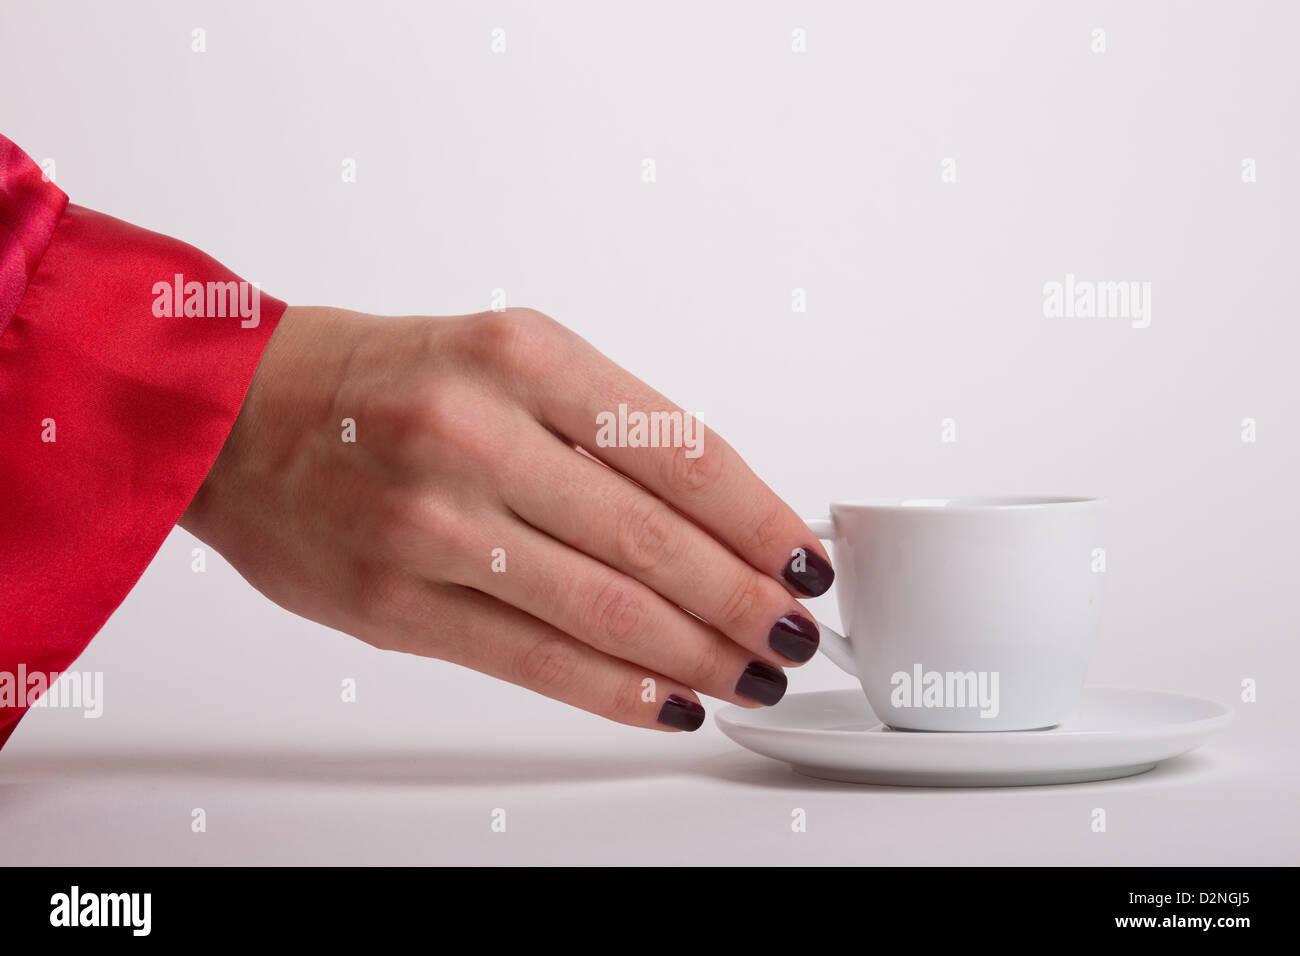 Une femme portant une robe rouge tend la main pour une matinée de white espresso Banque D'Images